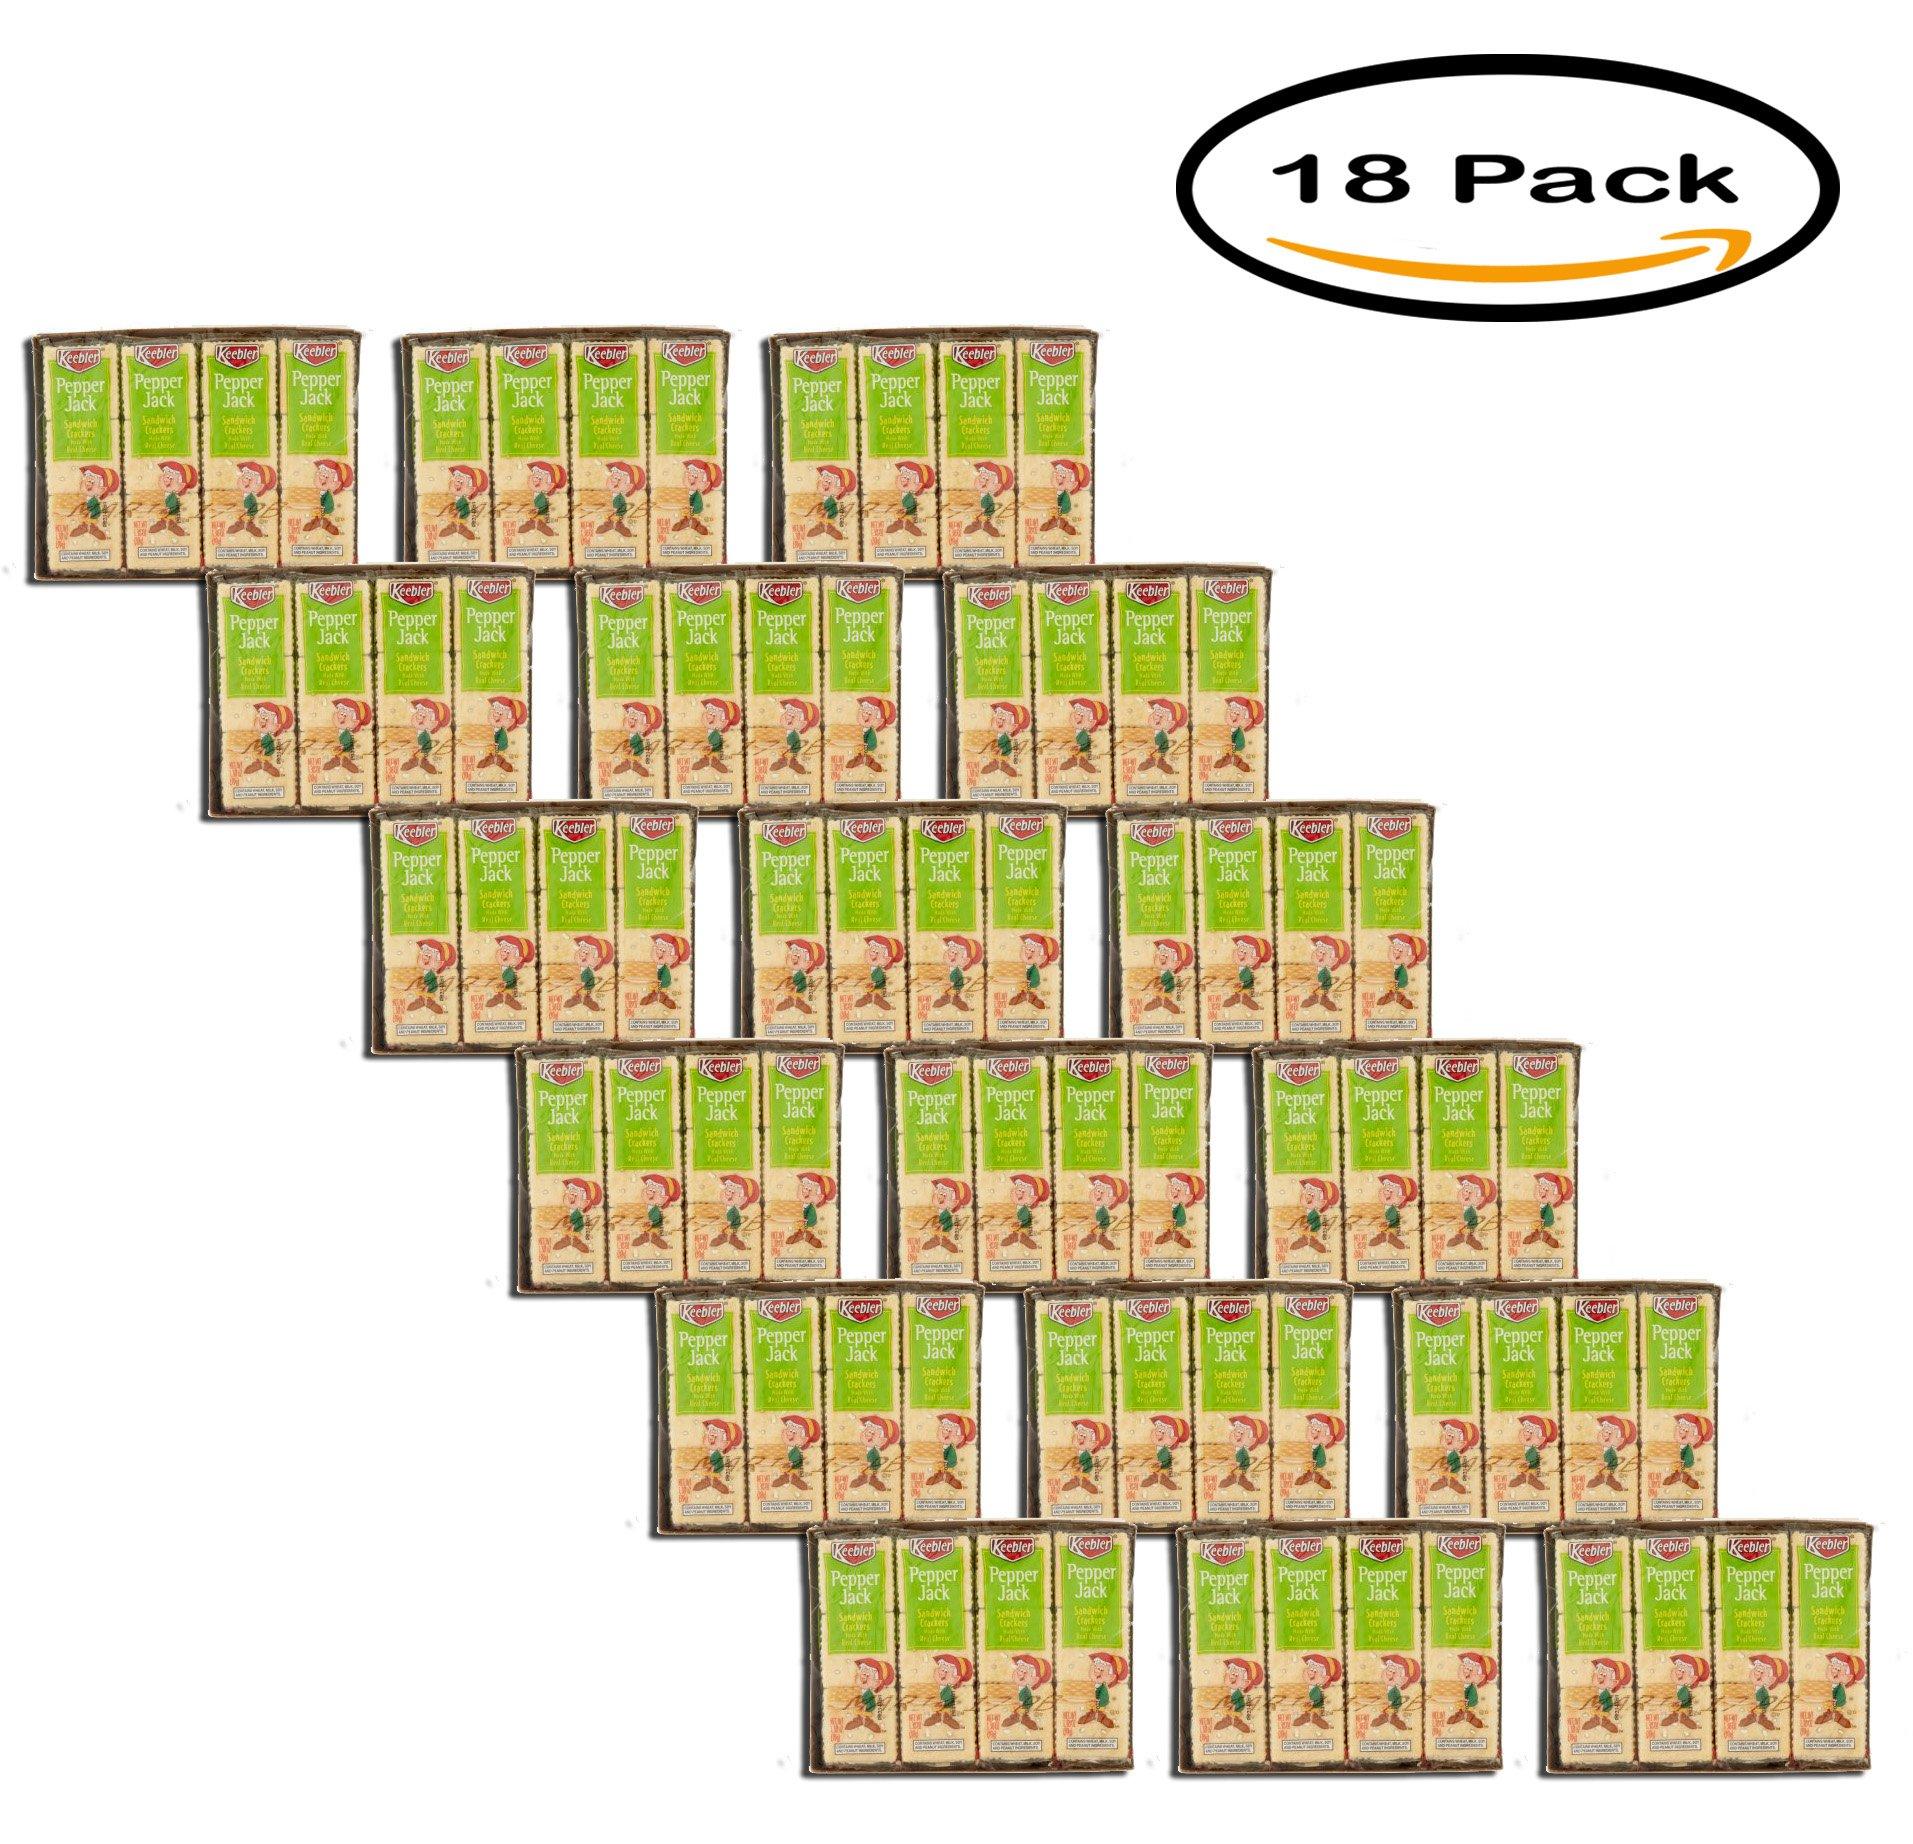 PACK OF 18 - Keebler Pepper Jack Sandwich Crackers 8-1.38 oz. Packs by Keebler